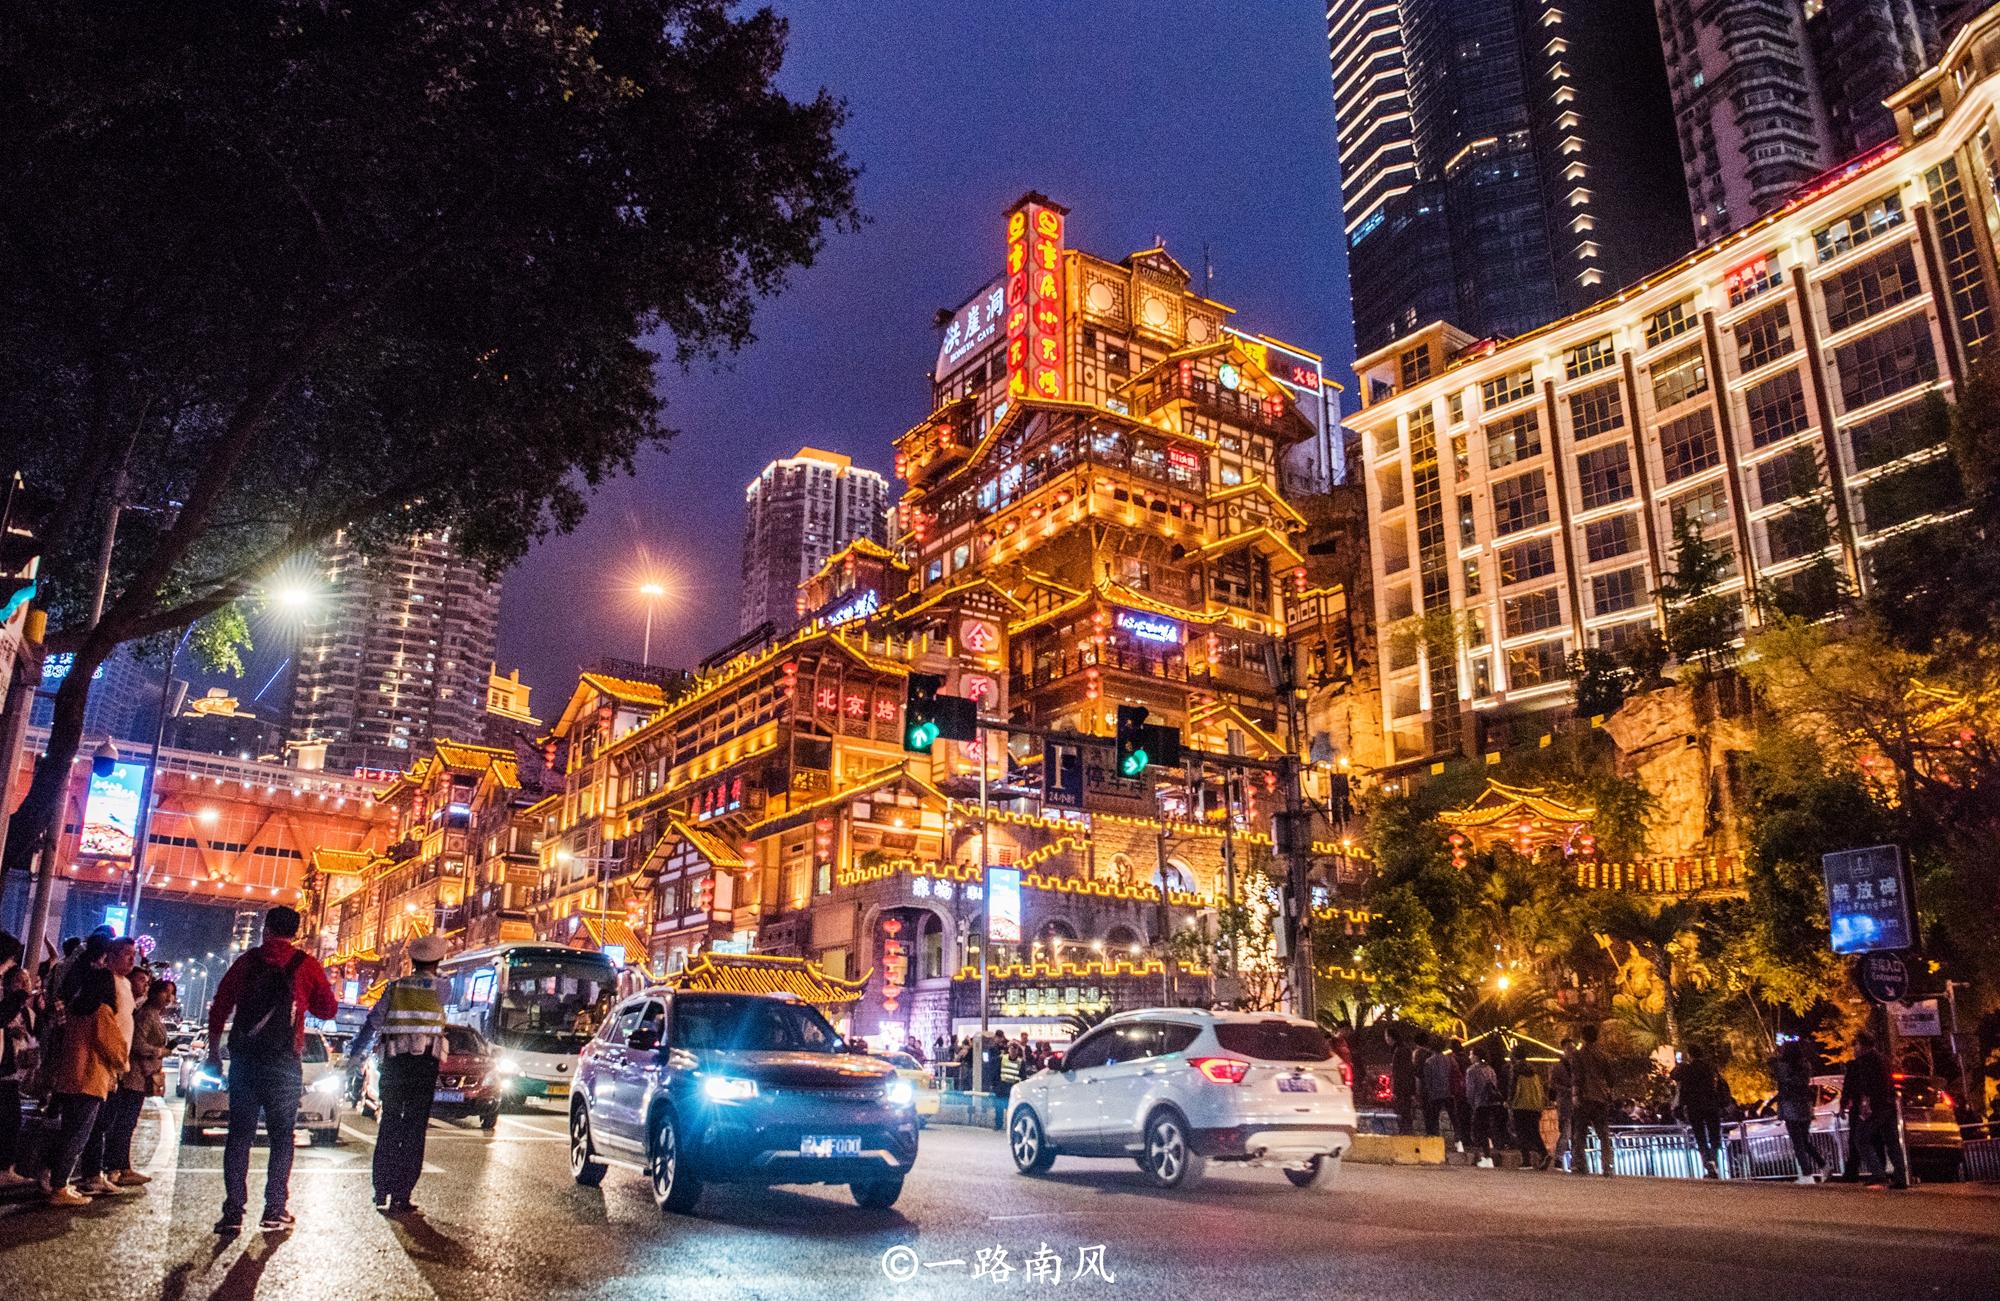 <b>重庆最火爆的景点,国庆假期平均每天12.7万游客,到处都是人!</b>